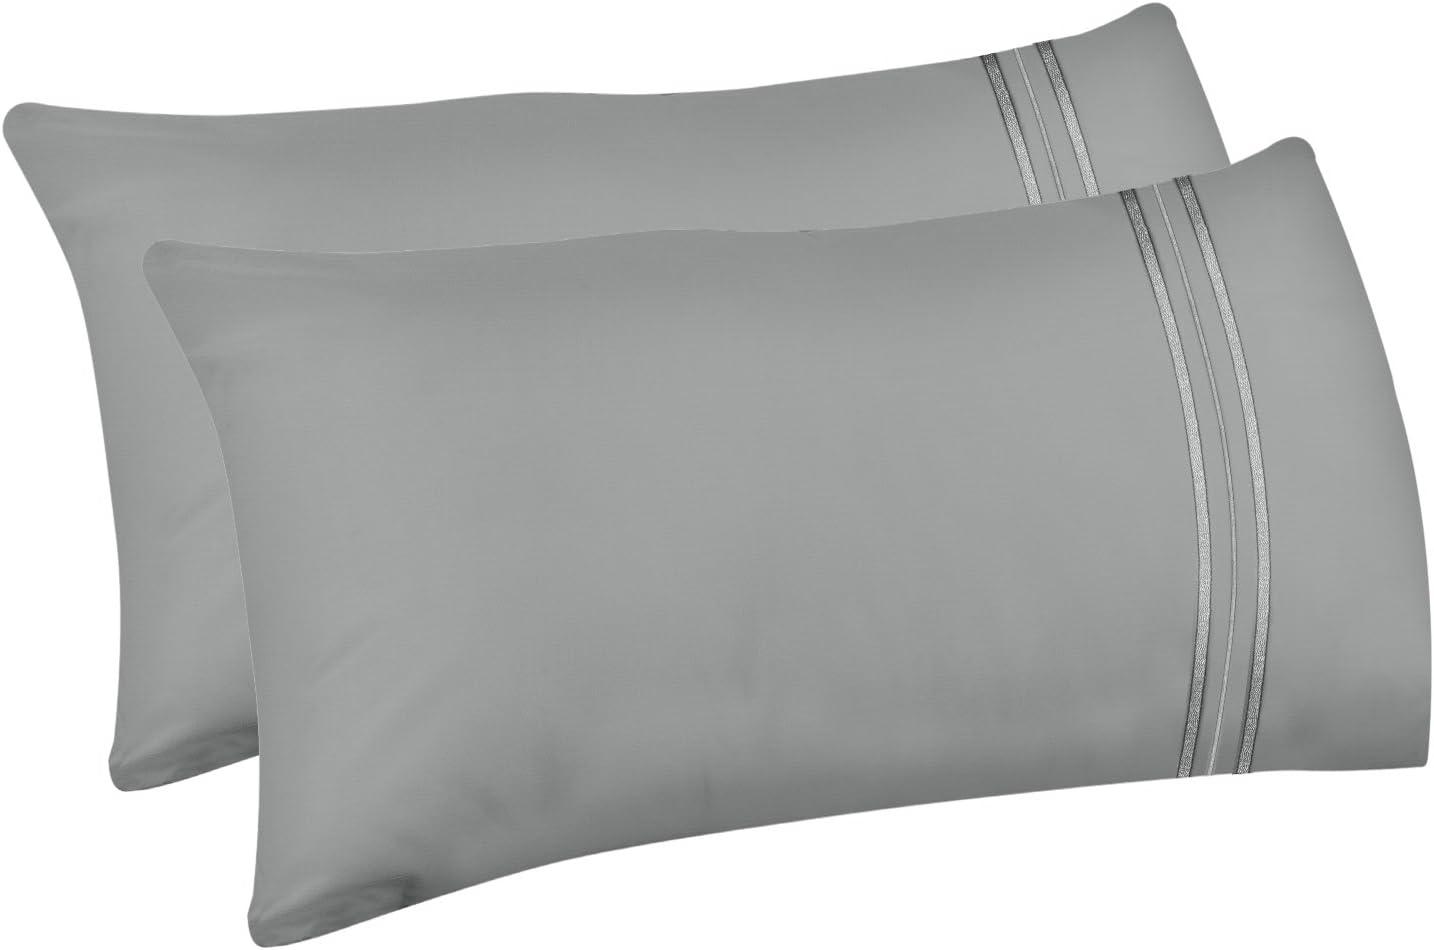 Lirex 2-Pack Fundas de Almohada, Tamaño Queen Fundas de Almohada de Microfibra Suave Cepillada, Transpirables sin Arrugas y Lavables a Máquina (Gris, Queen)